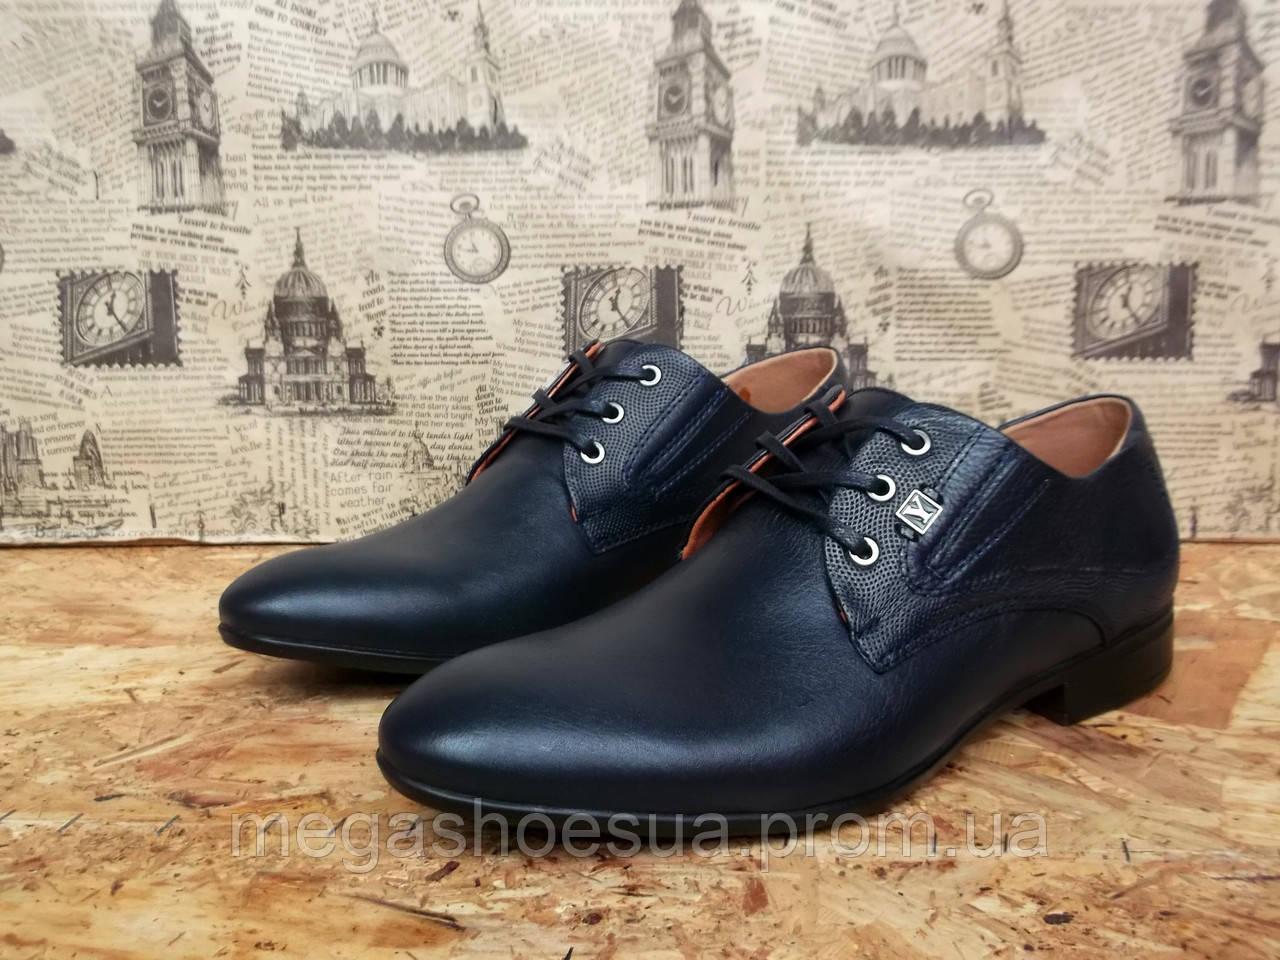 Туфли мужские YDG Bellini 1811 с натуральной кожи стильные -  Интернет-магазин украинской обуви MegaShoes 68c55ace0c8